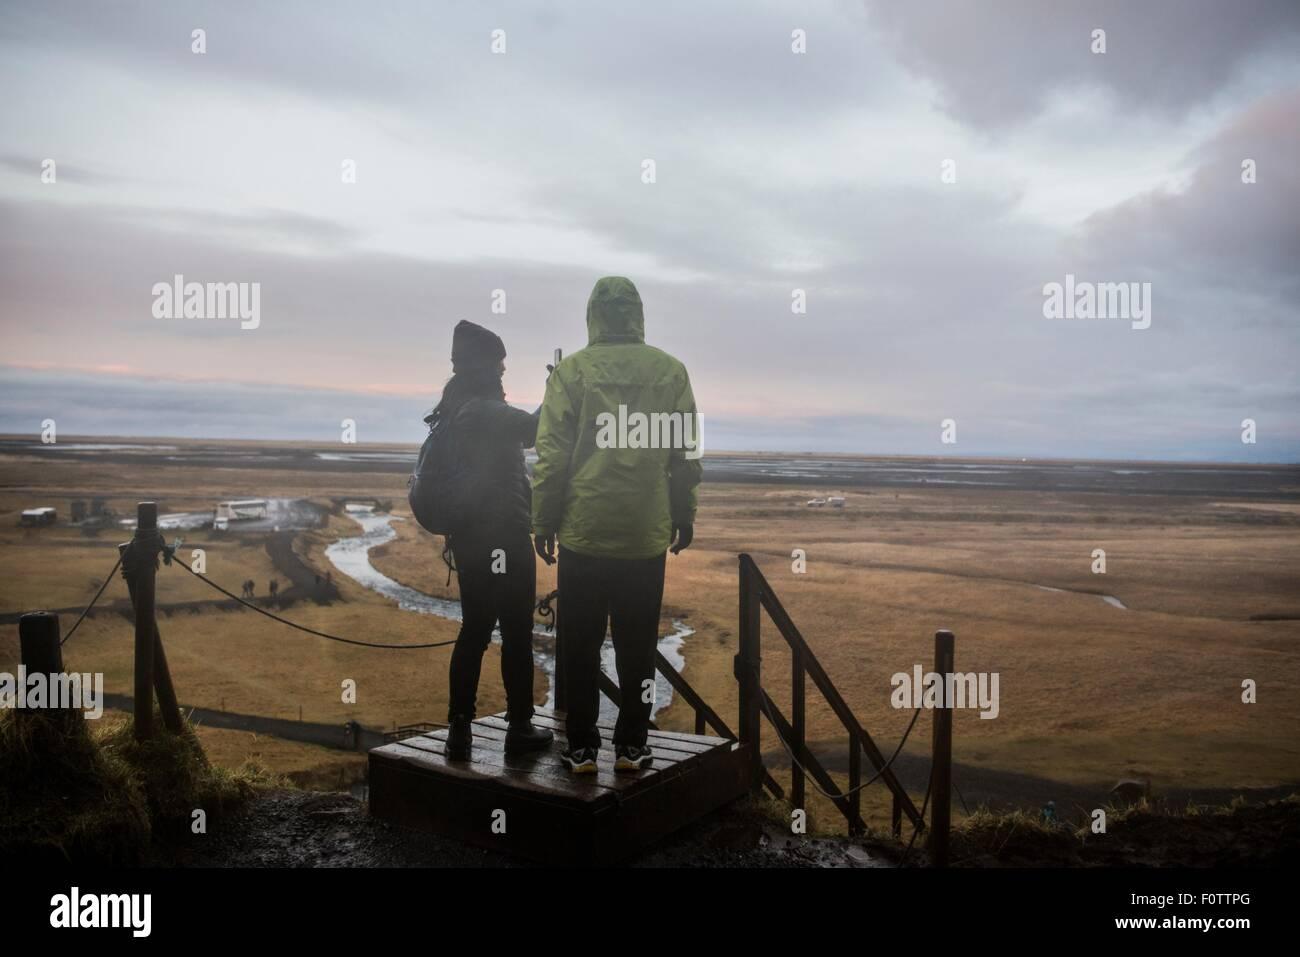 Les touristes, hommes et femmes de prendre des photographies à partir de la plate-forme d'observation à Photo Stock